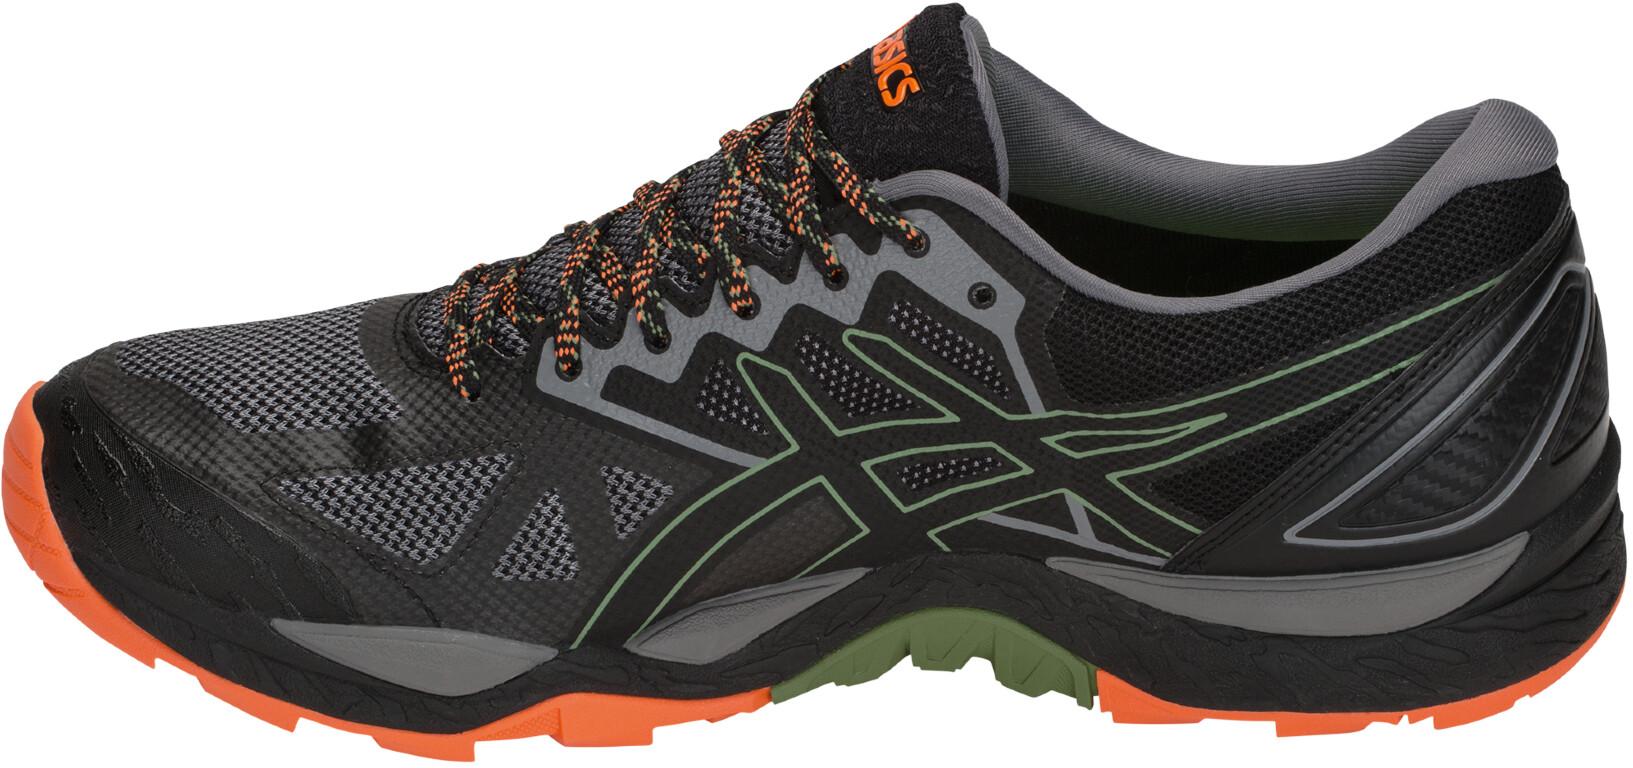 asics Gel-Fujitrabuco 6 G-TX scarpe da corsa Uomo grigio nero su ... f5572d43fa7